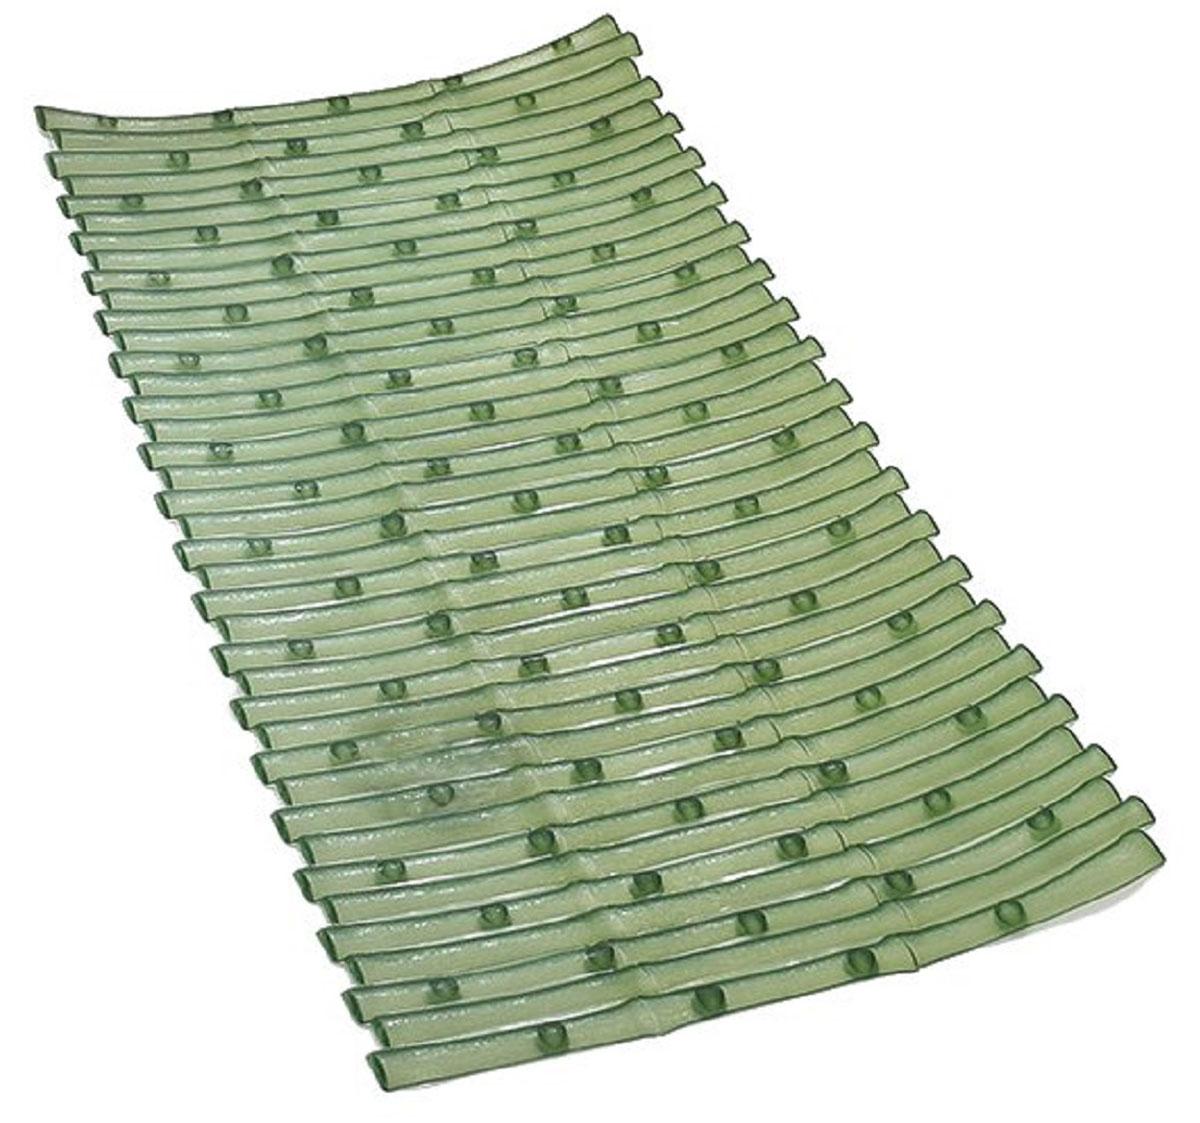 Коврик для ванной Ridder Bambus, противоскользящий, цвет: зеленый, 40 х 81 см391602Высококачественные немецкие коврики Bambus созданы для вашего удобства. Состав и свойства противоскользящих ковриков: ПВХ с защитой от плесени и грибка, Имеются присоски для крепления. Безопасность изделия соответствует стандартам LGA (Германия).